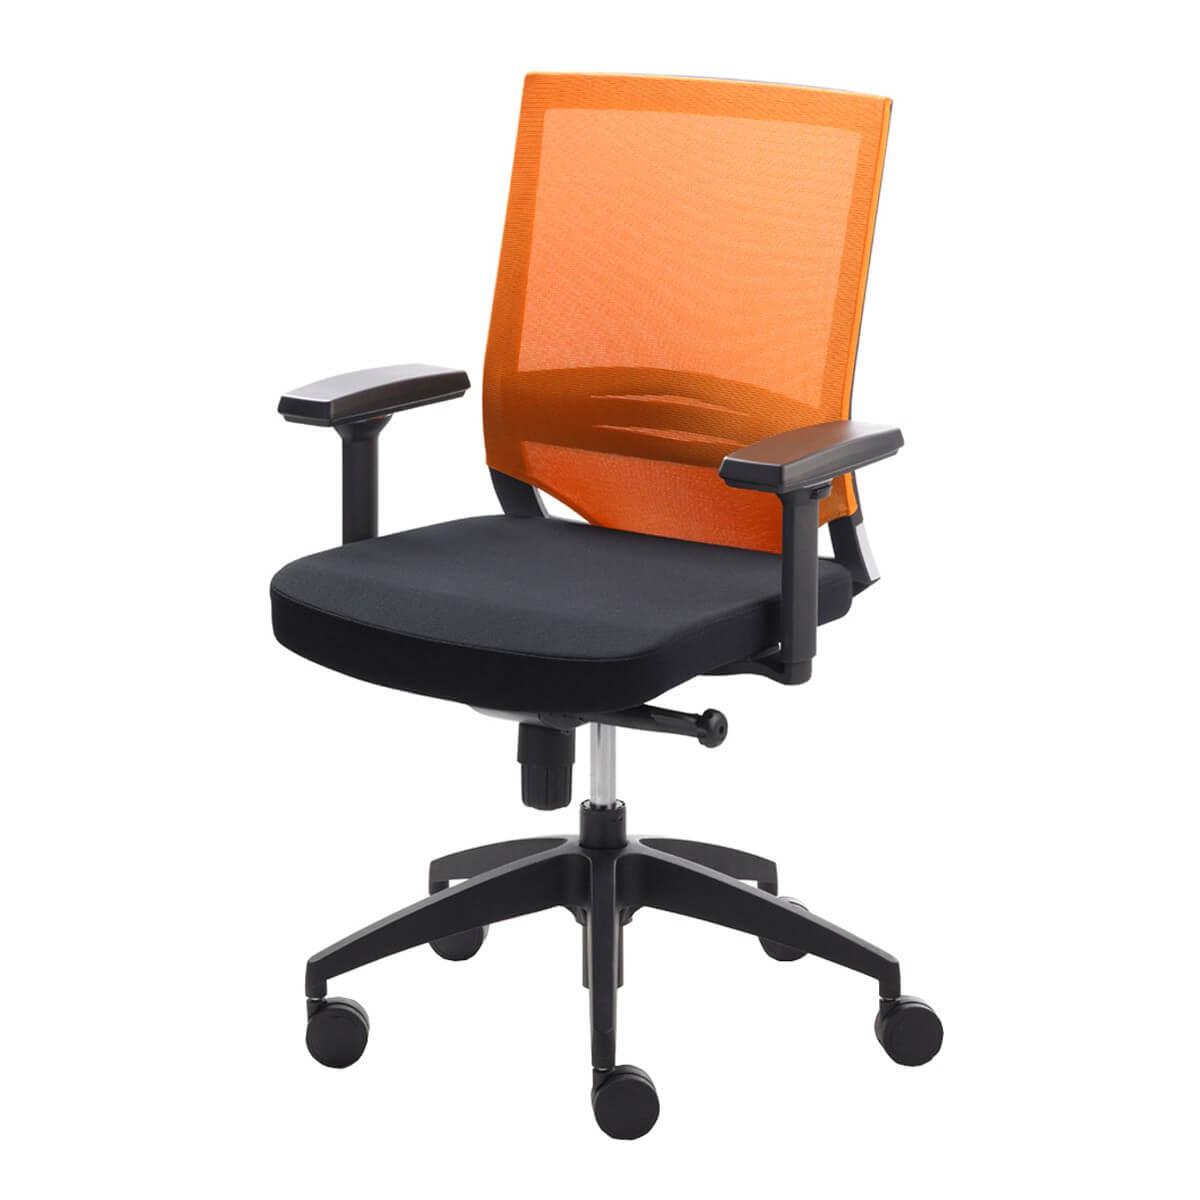 Gepolsterter Drehstuhl In Schwarz Orange M Bel24